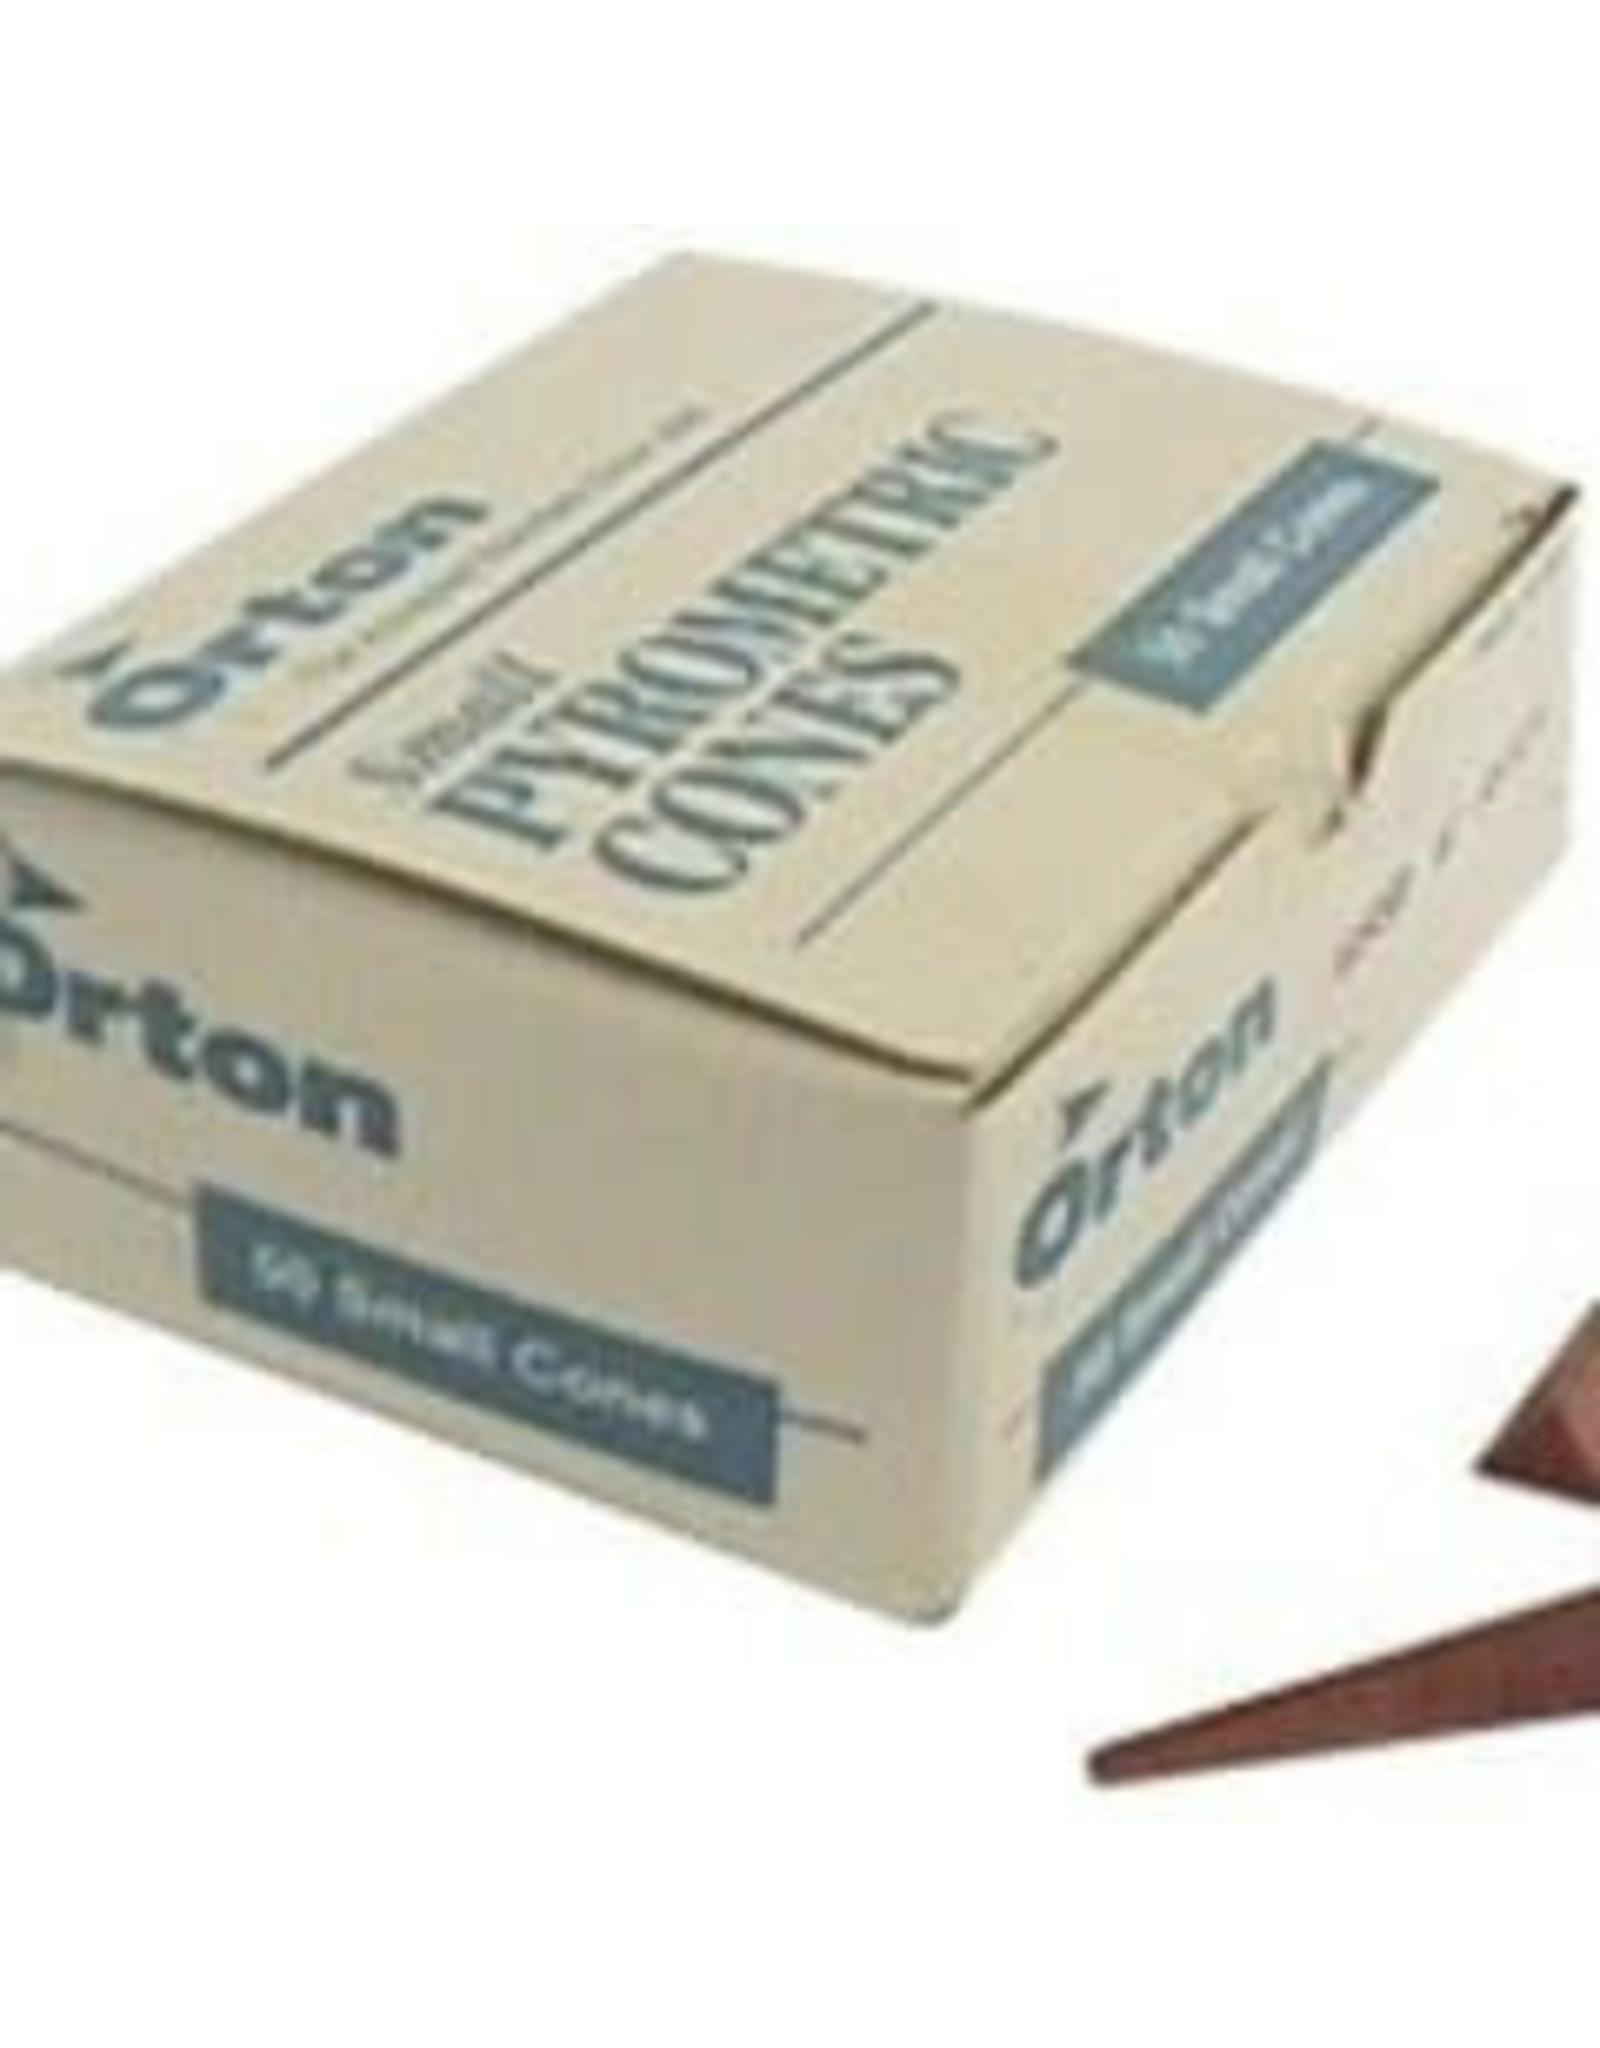 Orton small cone 11 (x10)